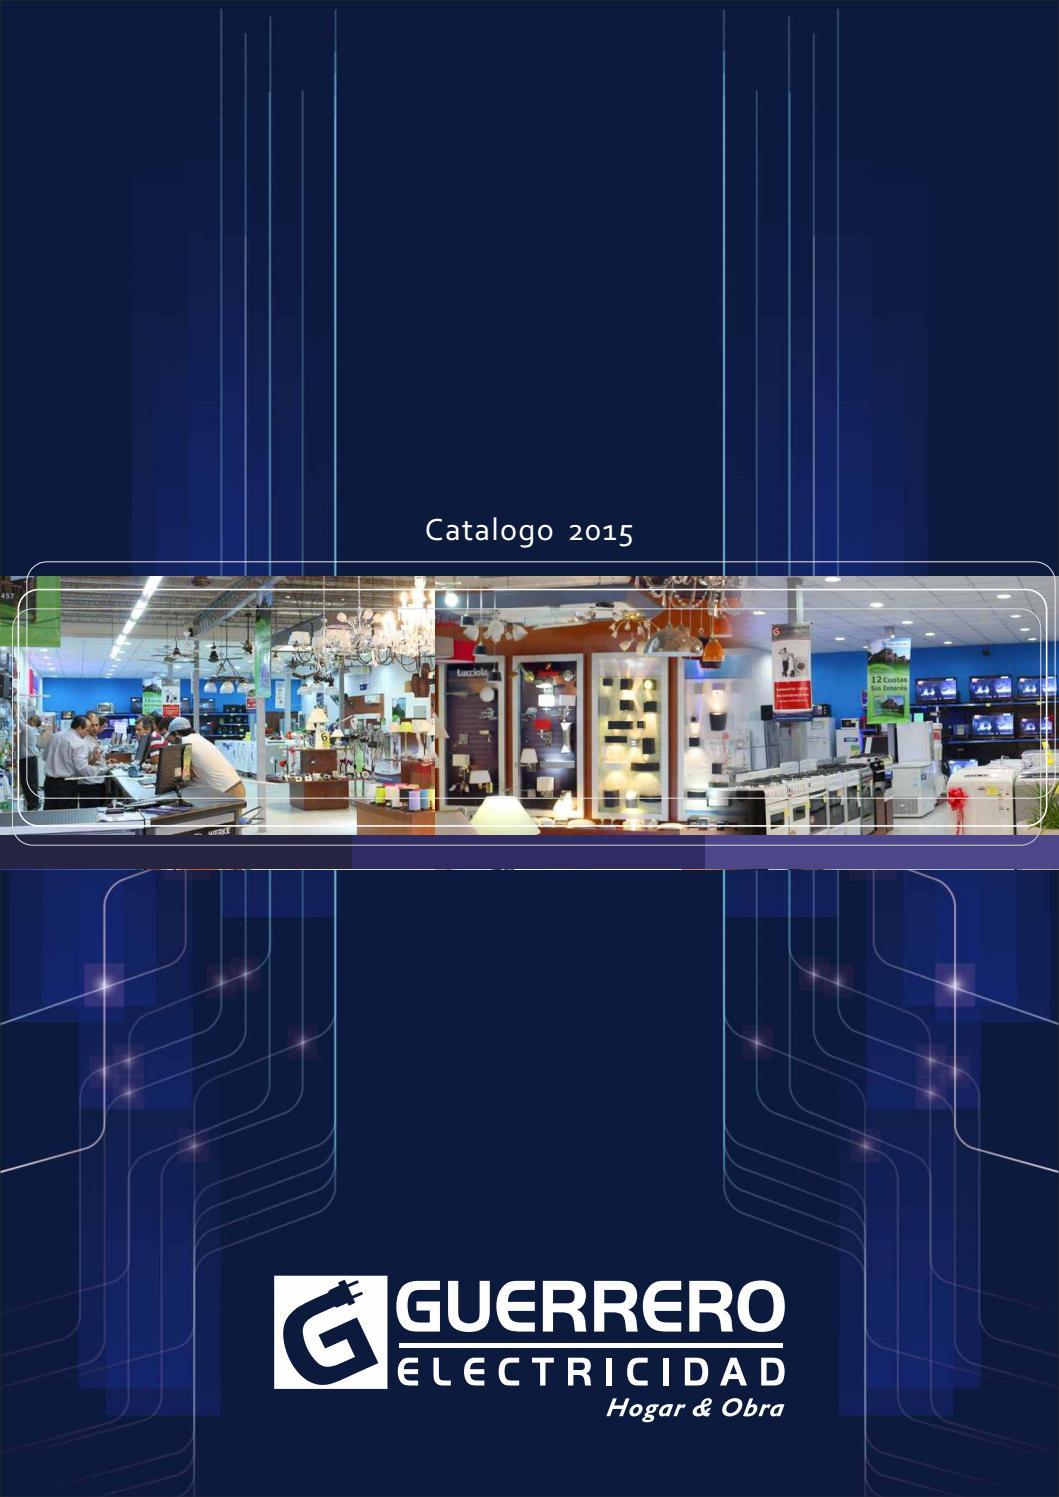 Catalogo productos - Guerrero Electricidad by Guerrero Electricidad - issuu eb084a5c614